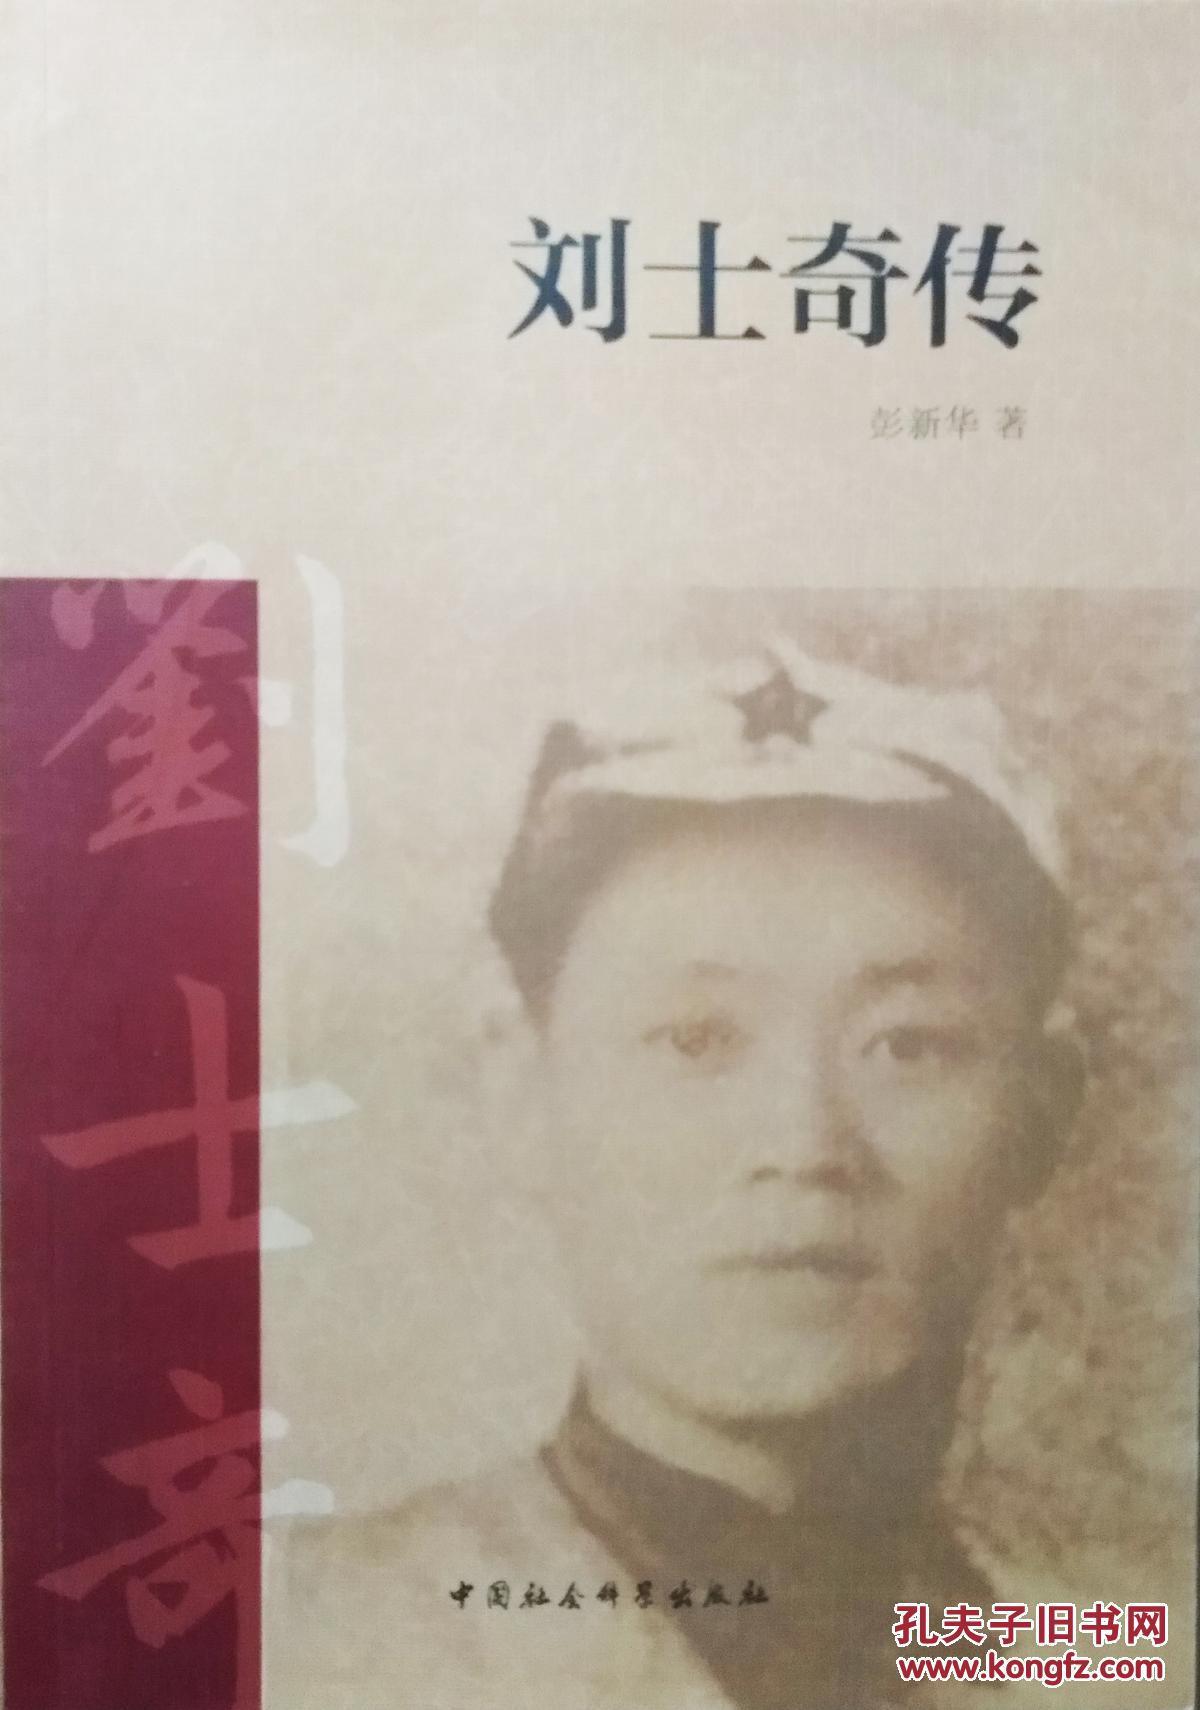 革命先烈 毛泽东亲密战友 连襟《刘士奇传》彭新华著  新版包邮